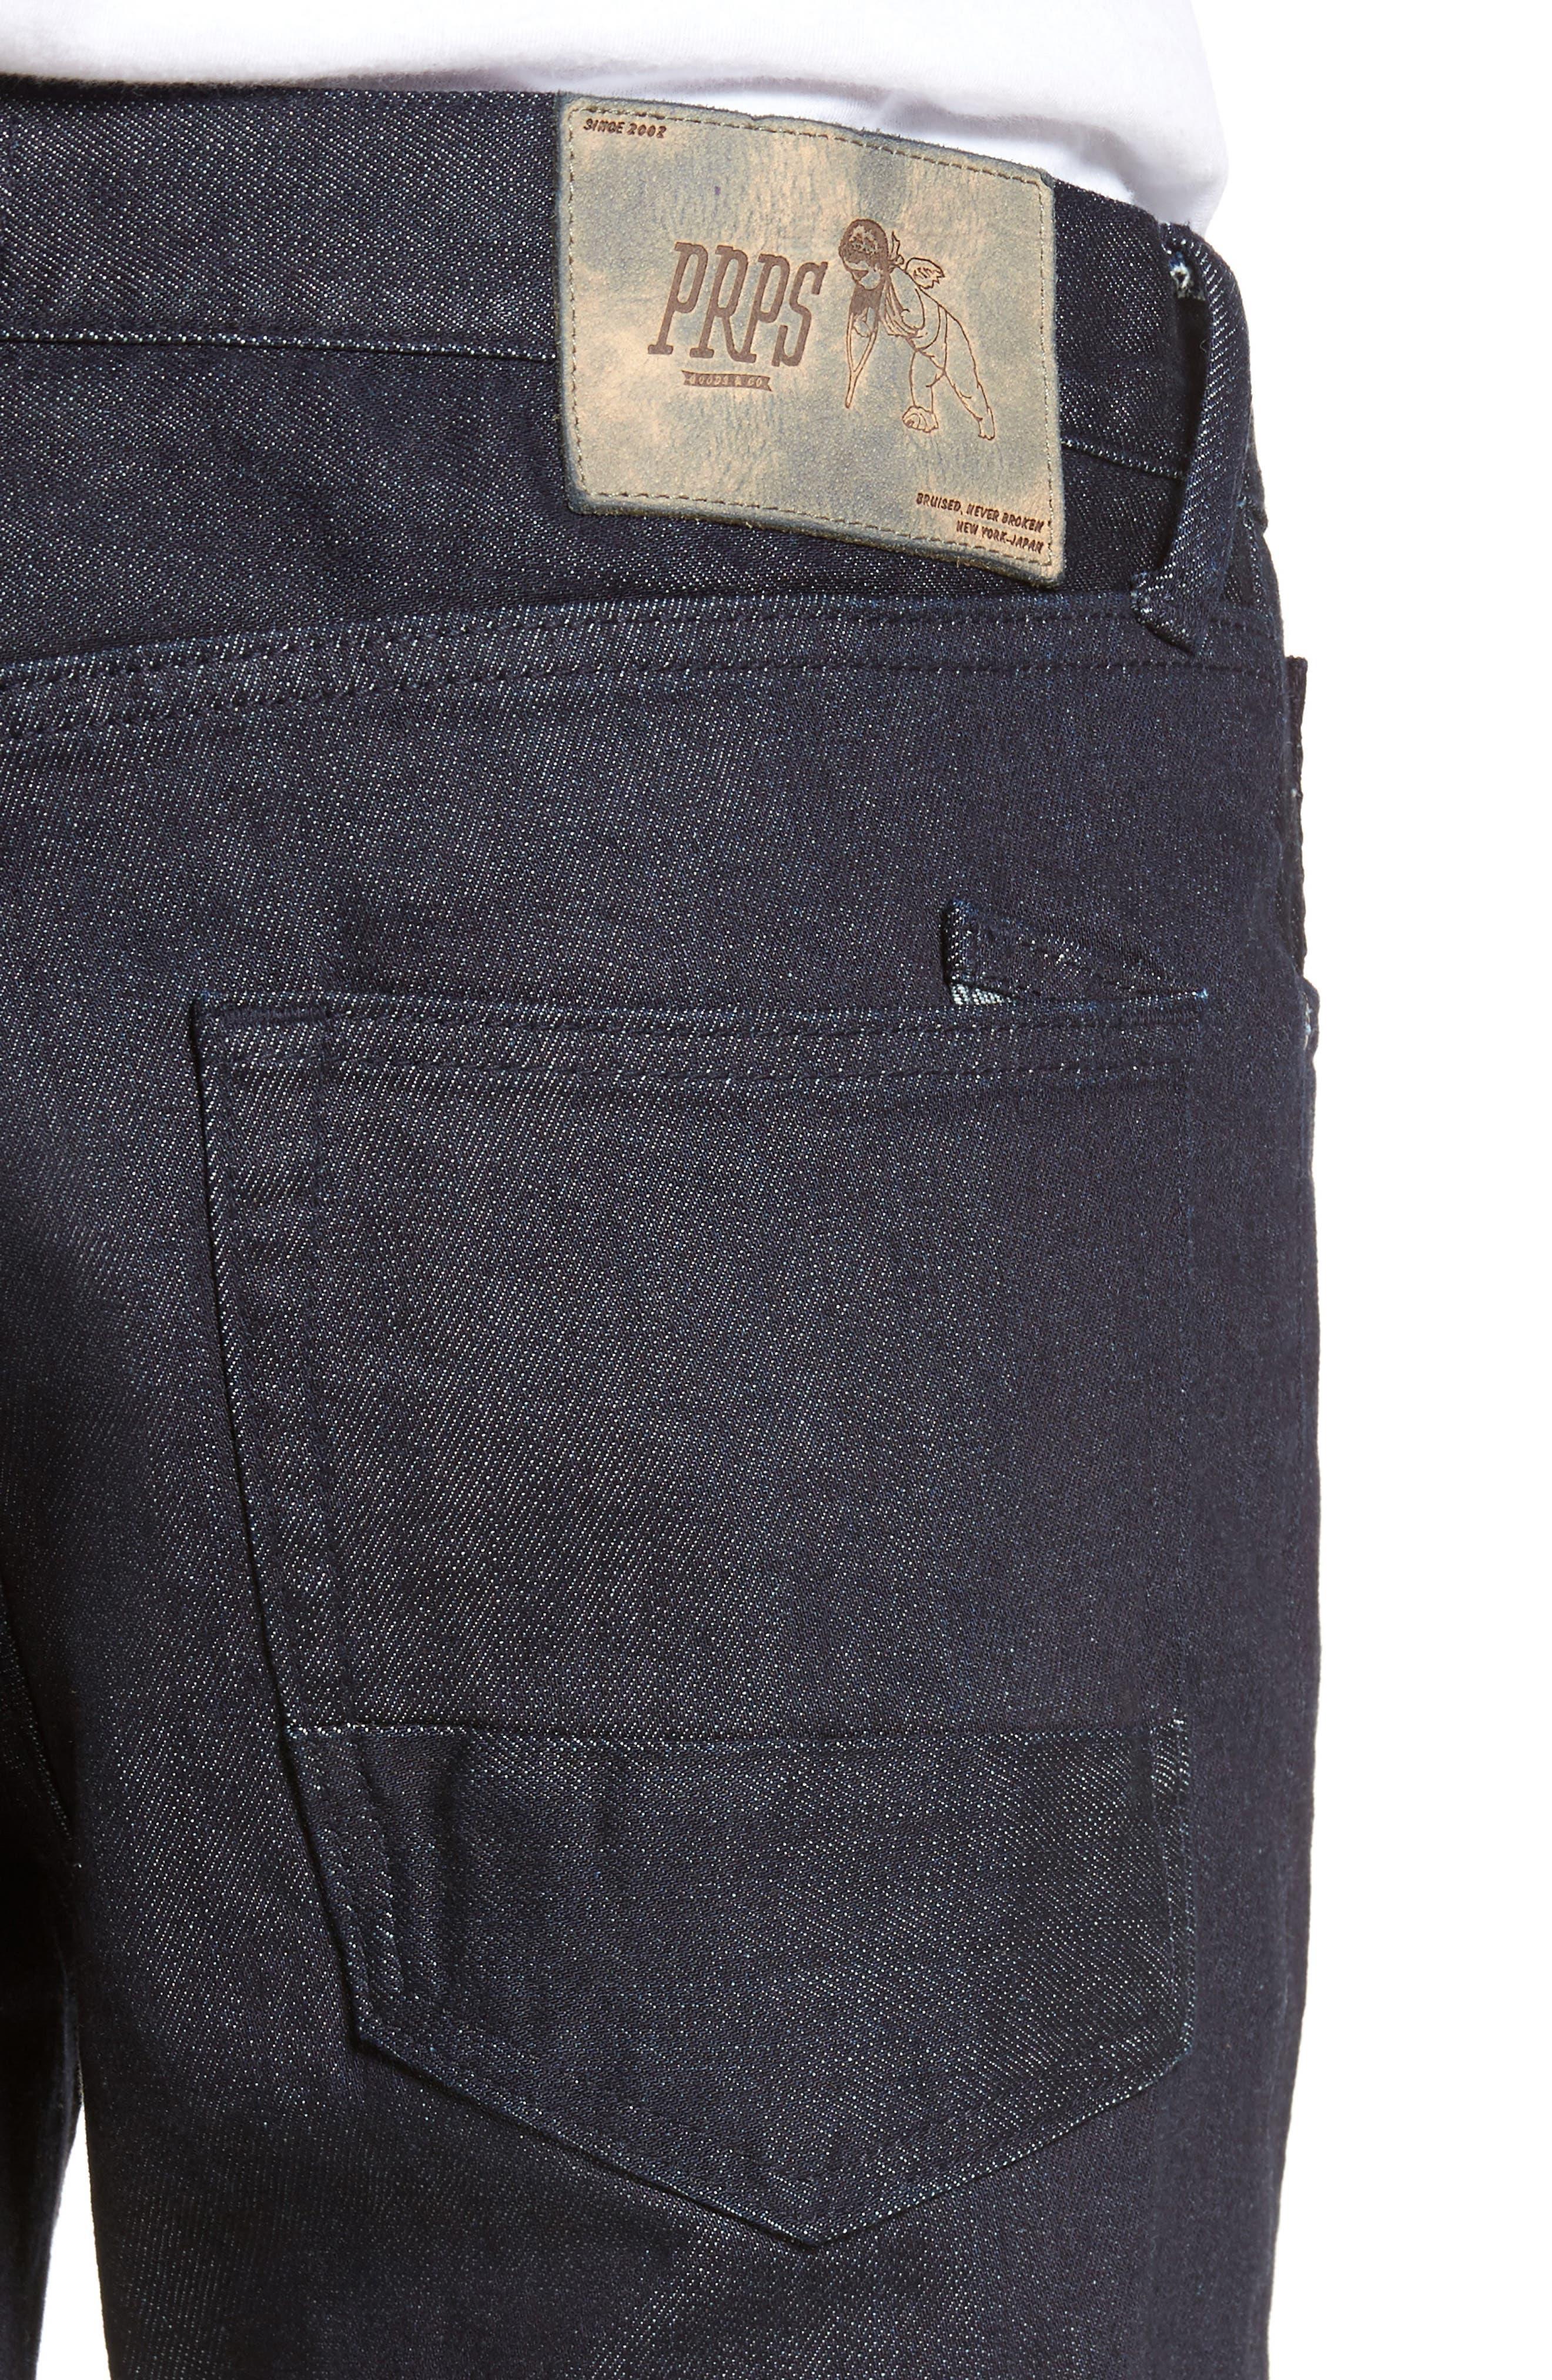 Demon Slim Straight Leg Jeans,                             Alternate thumbnail 4, color,                             416